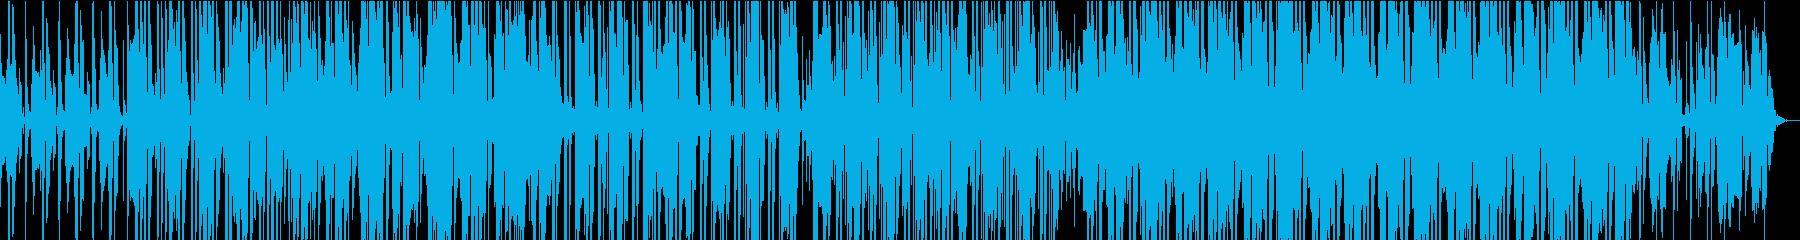 ファンク ゆっくり 魅惑 励ましい...の再生済みの波形